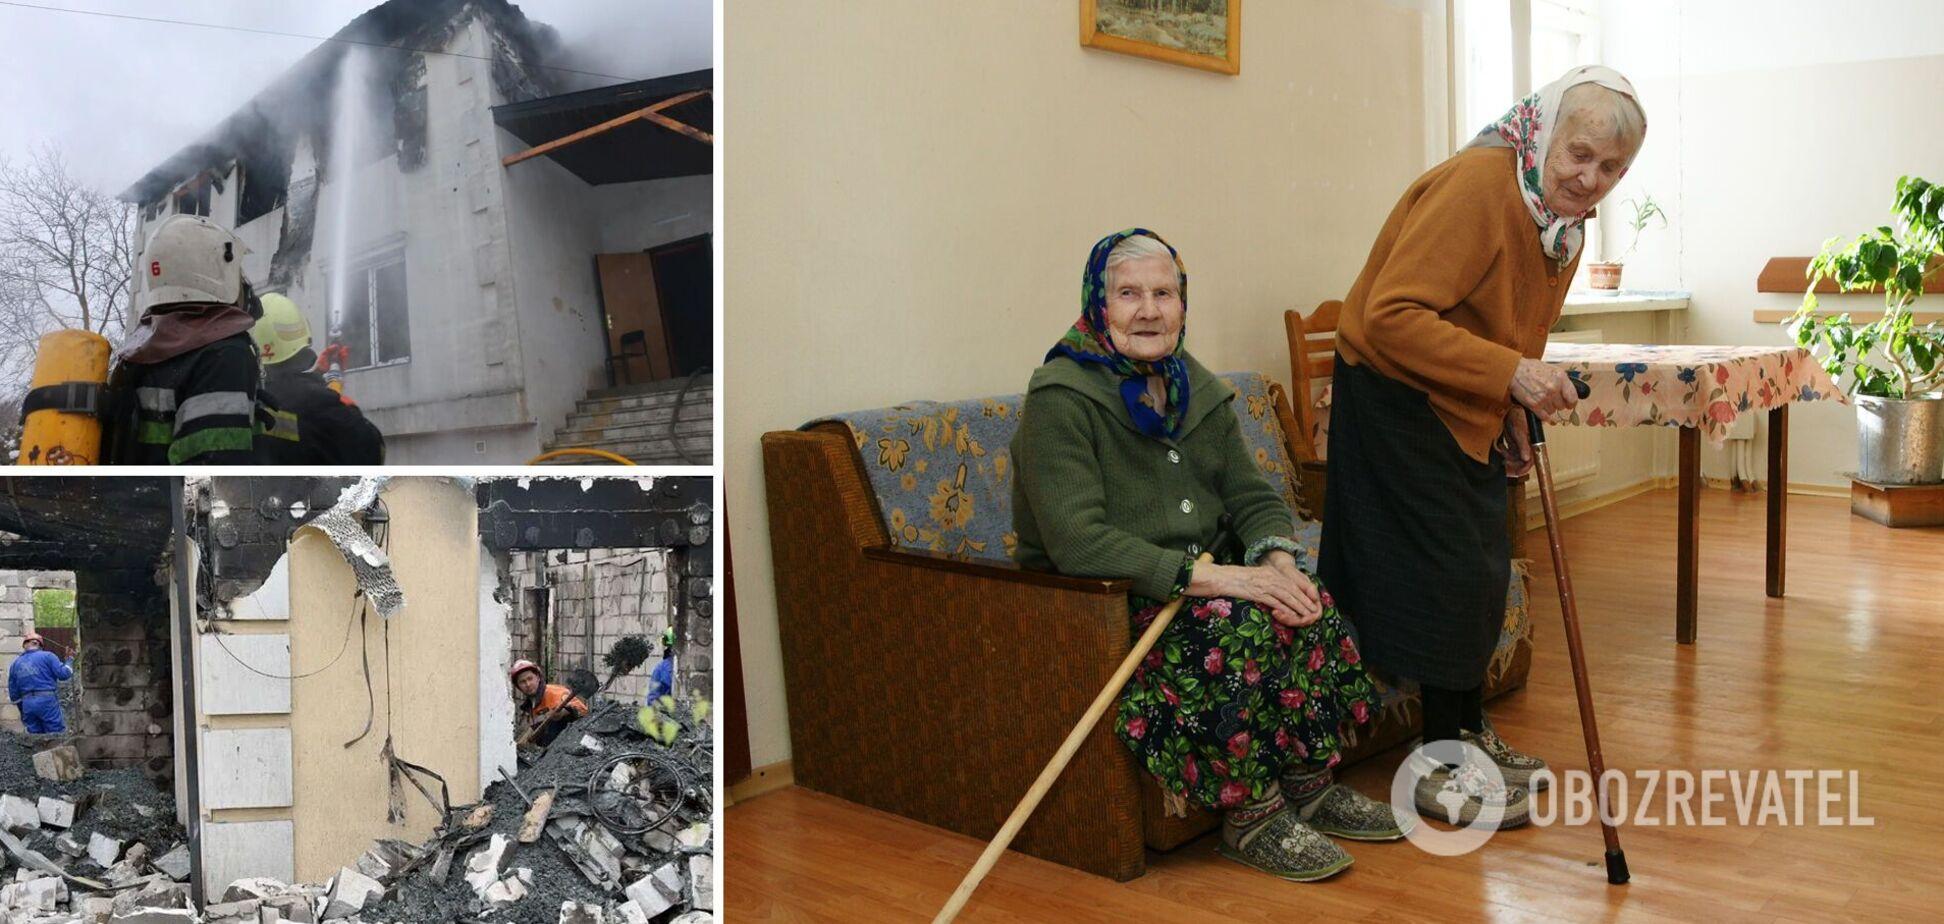 'Випустіть мене звідси!' Що відбувається у нелегальних будинках престарілих і чому скаржаться українці